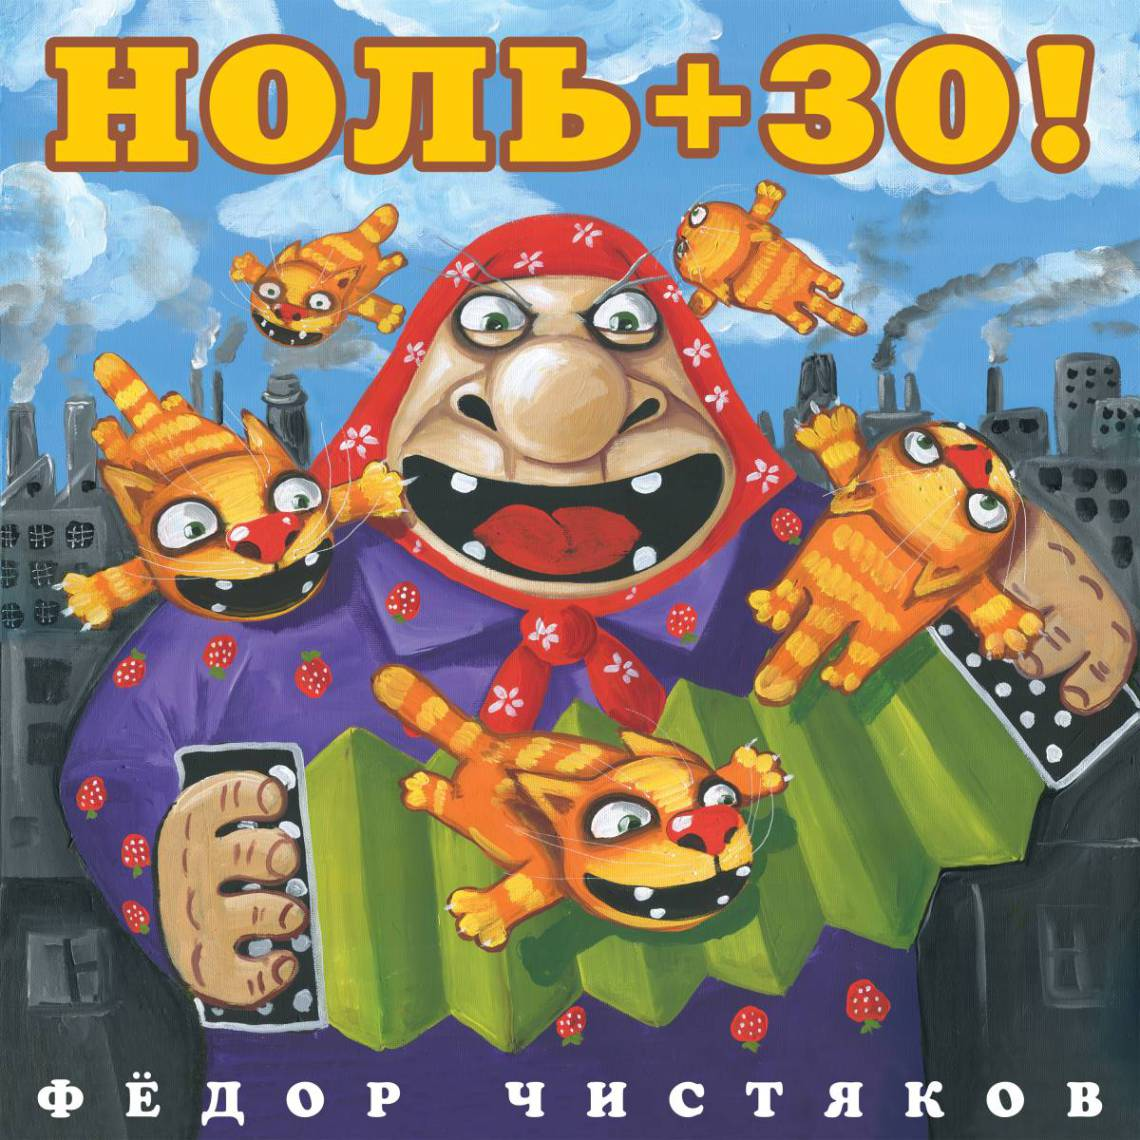 Федор Чистяков: Ноль + 30! (CD)